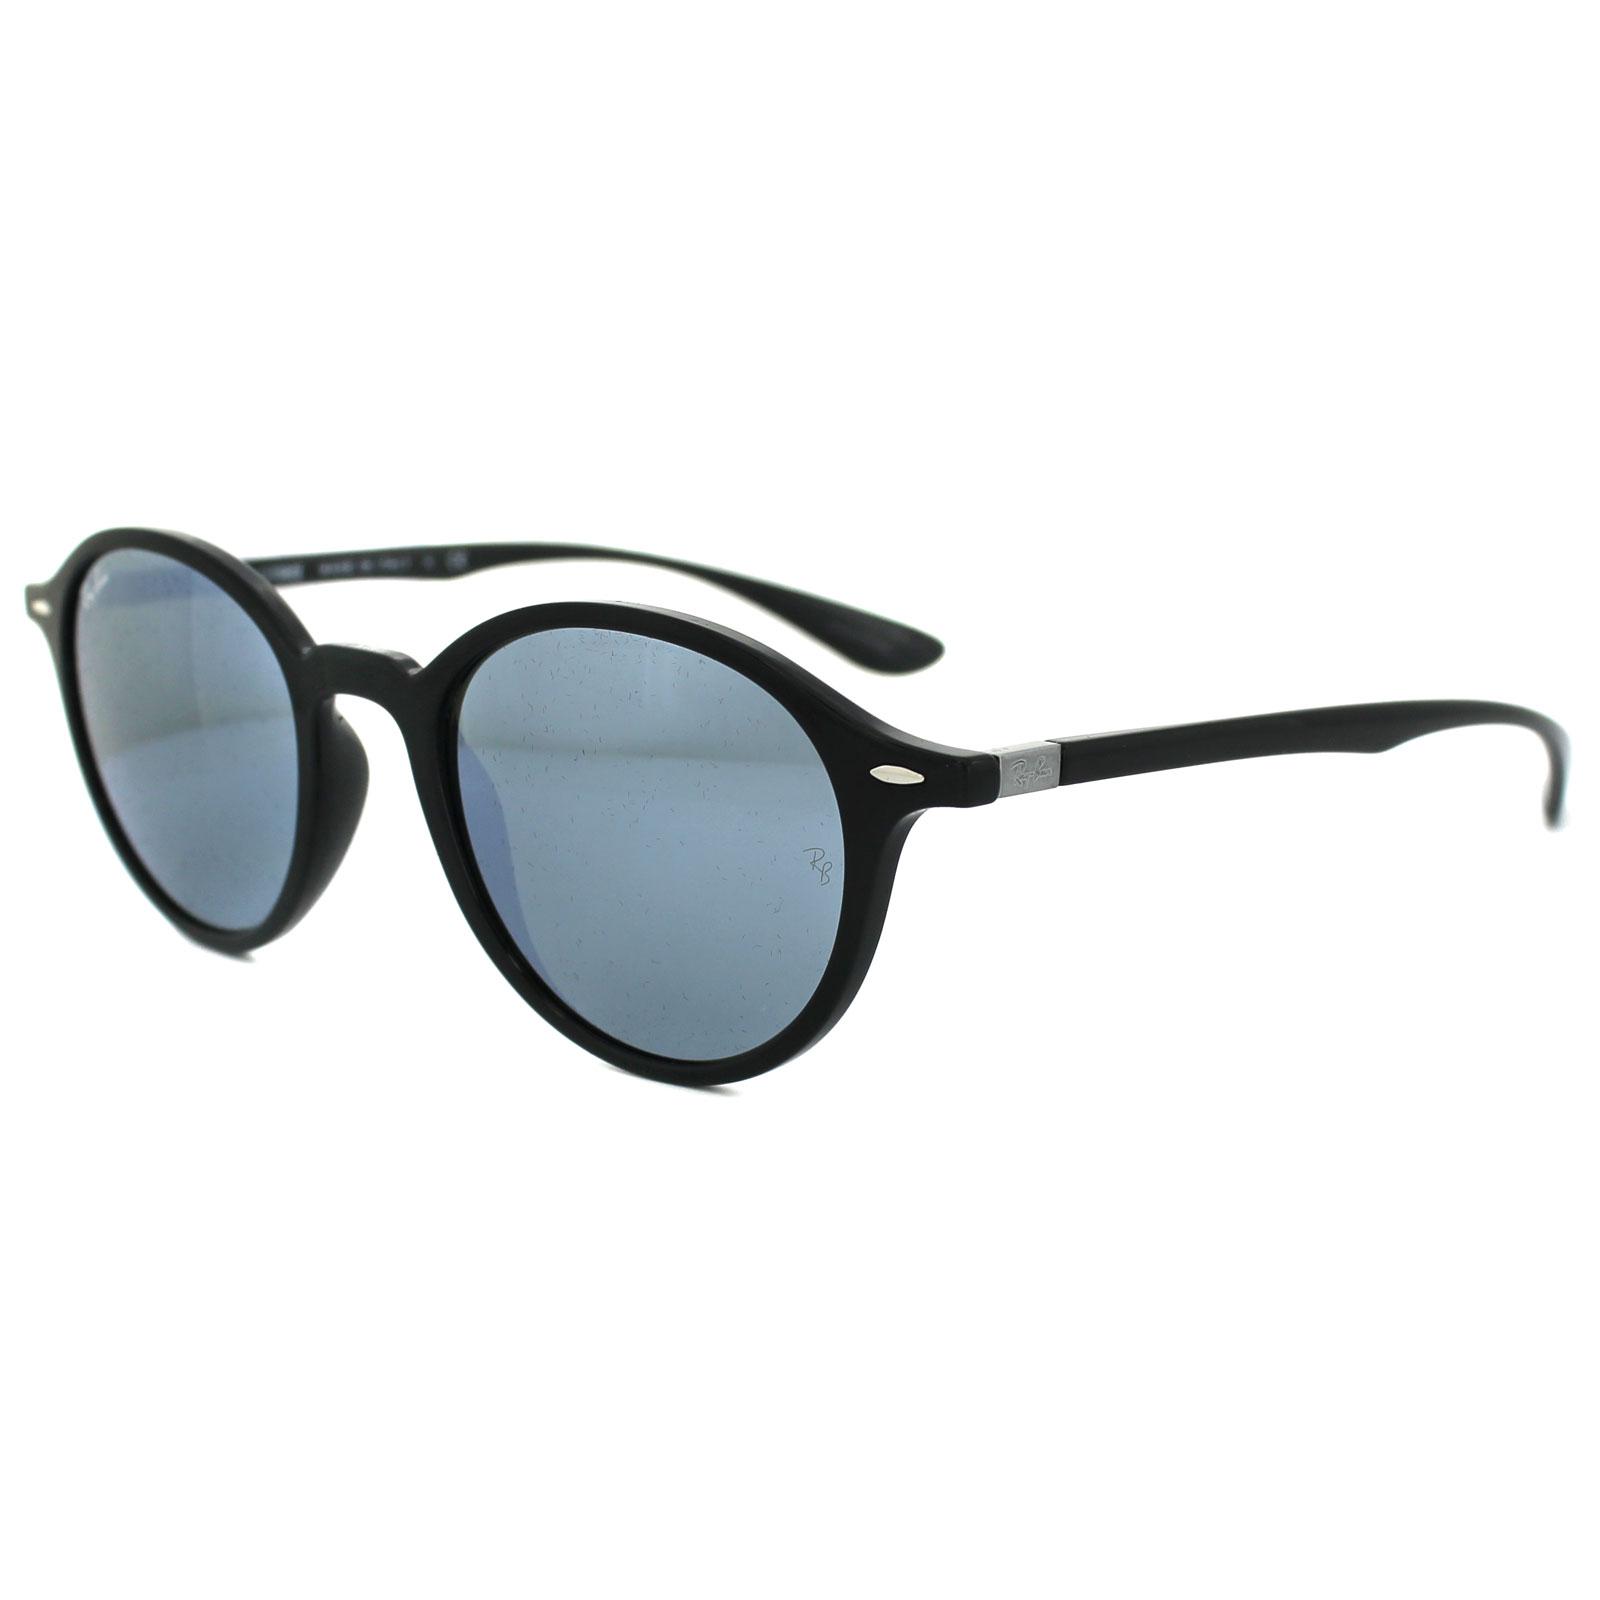 7600e541d9f Ray Ban Sporty Squared Sunglasses Silver Mirror « Heritage Malta